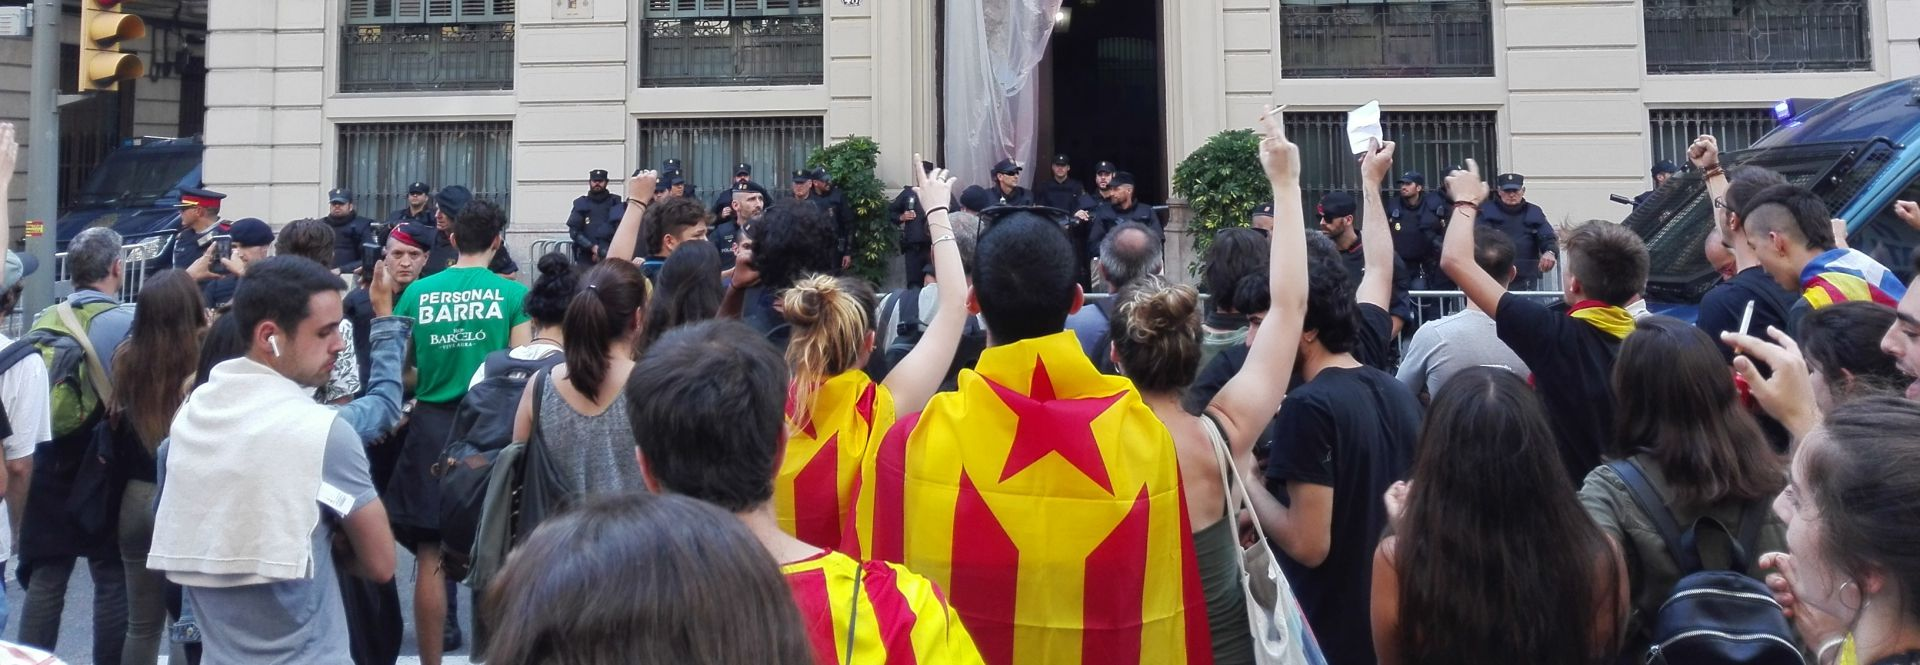 La amarga resaca del referendum de independencia catalán . A.R